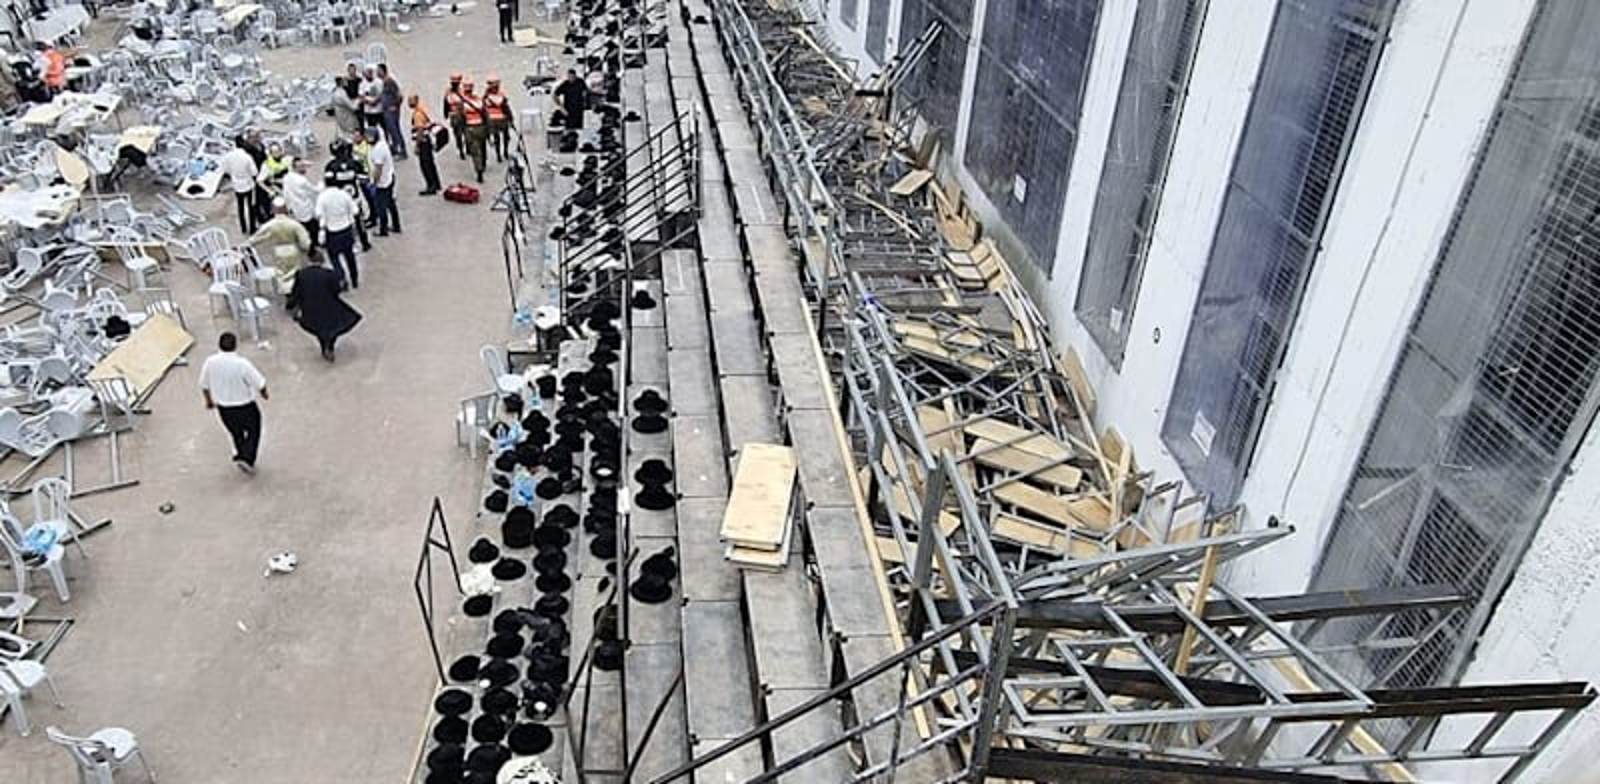 """קריסת הטריבונה בבית הכנסת בגבעת זאב / צילום: דובר זק""""א"""